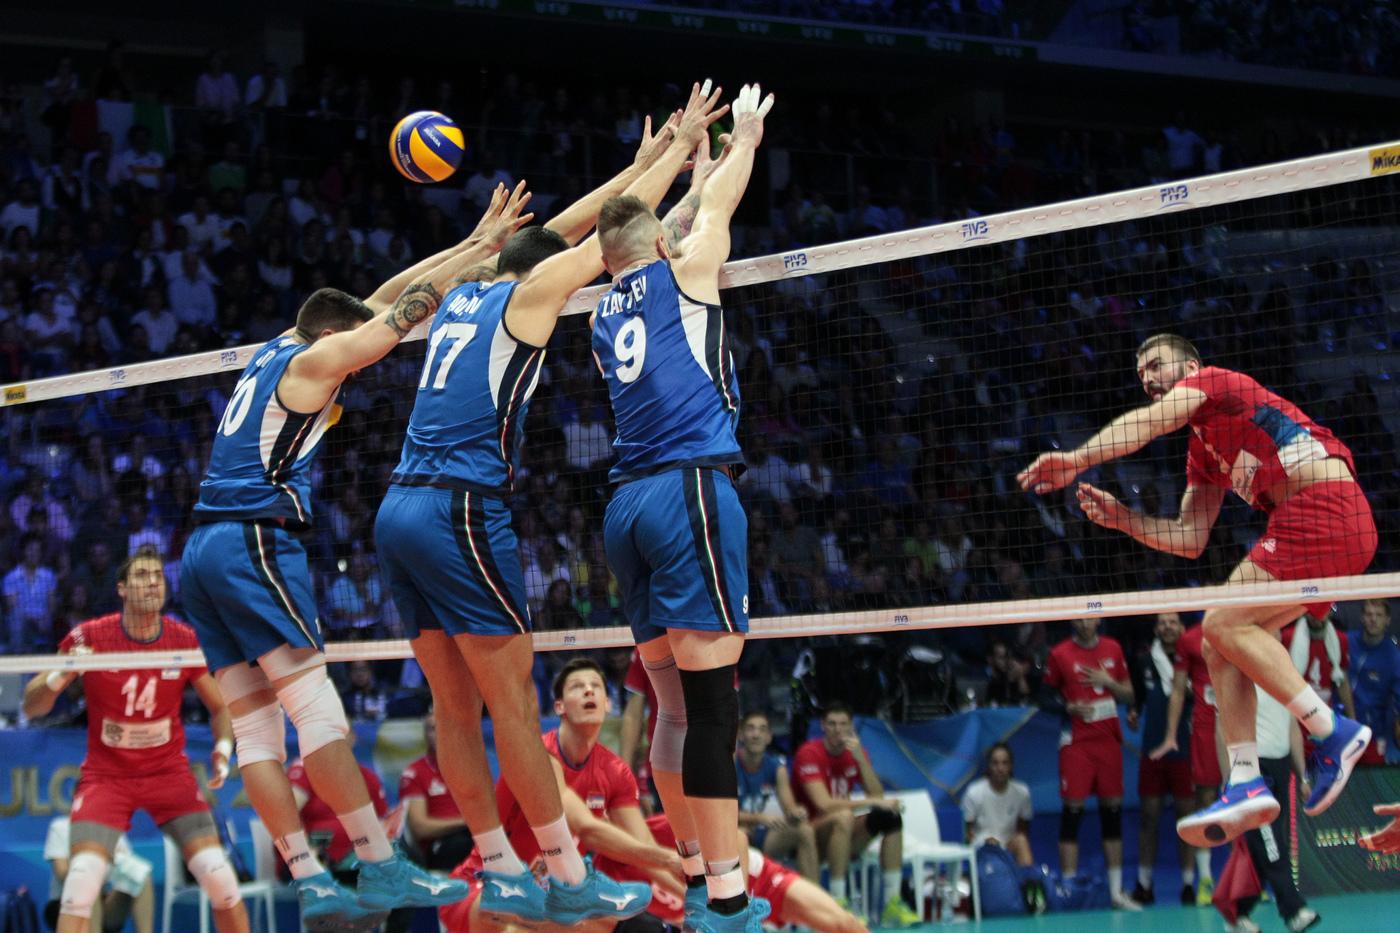 Volley, l'Italia ko all'esordio nella Final six: vince la Serbia 3-0